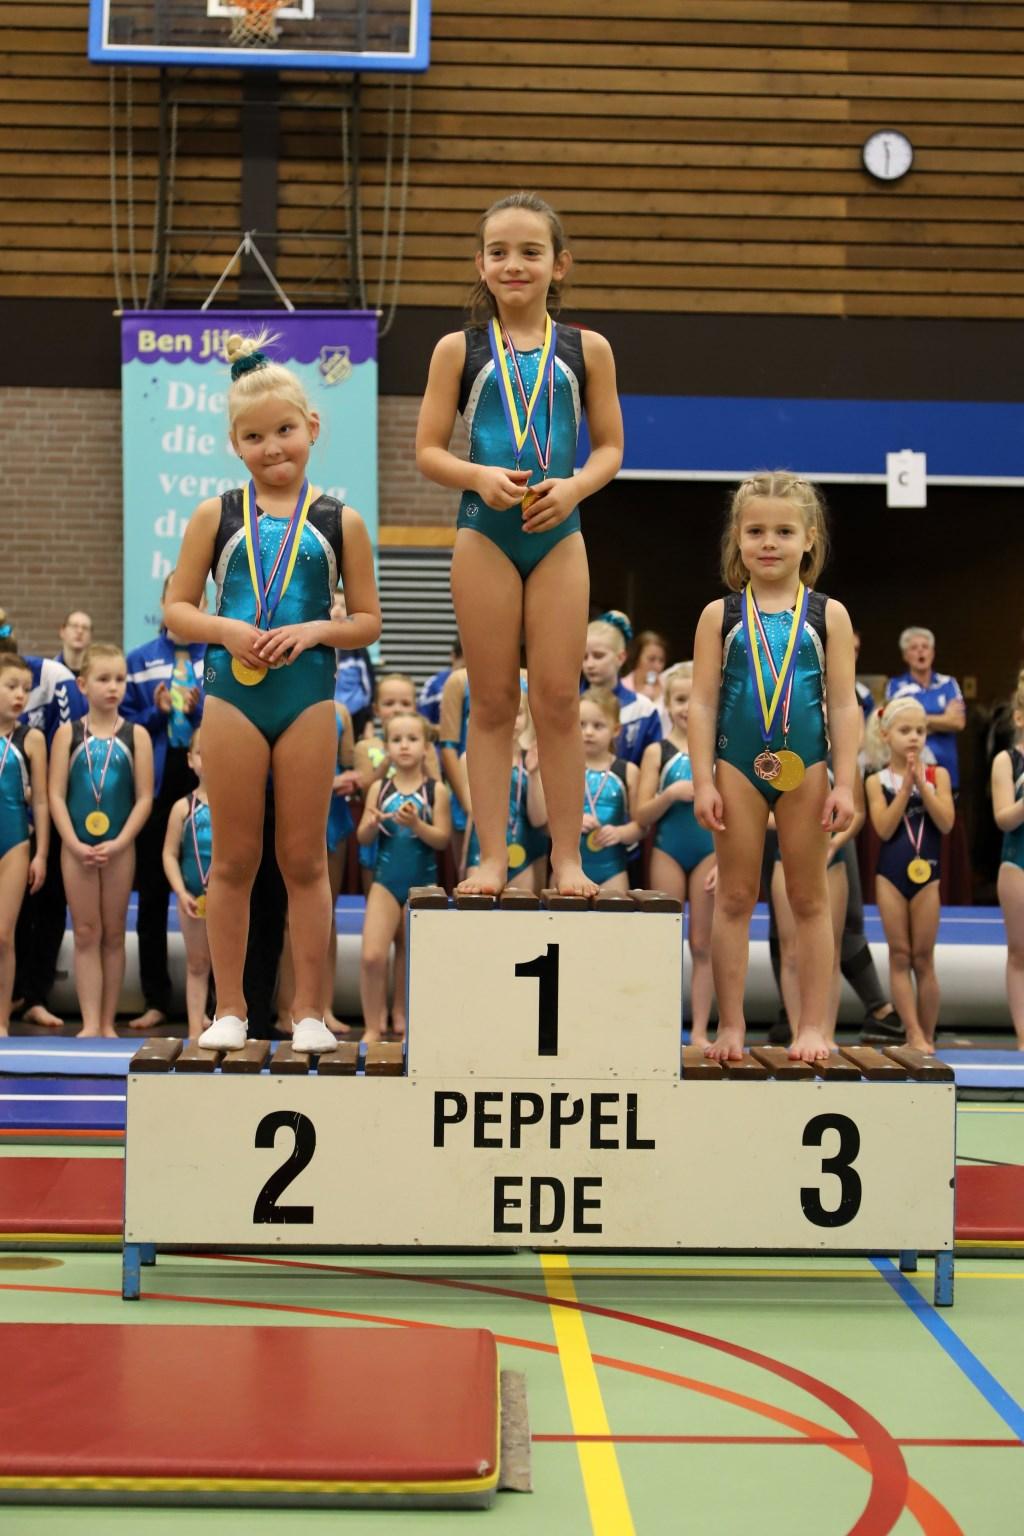 trotse dametjes op het podium Foto: Alex Beukhof © DPG Media